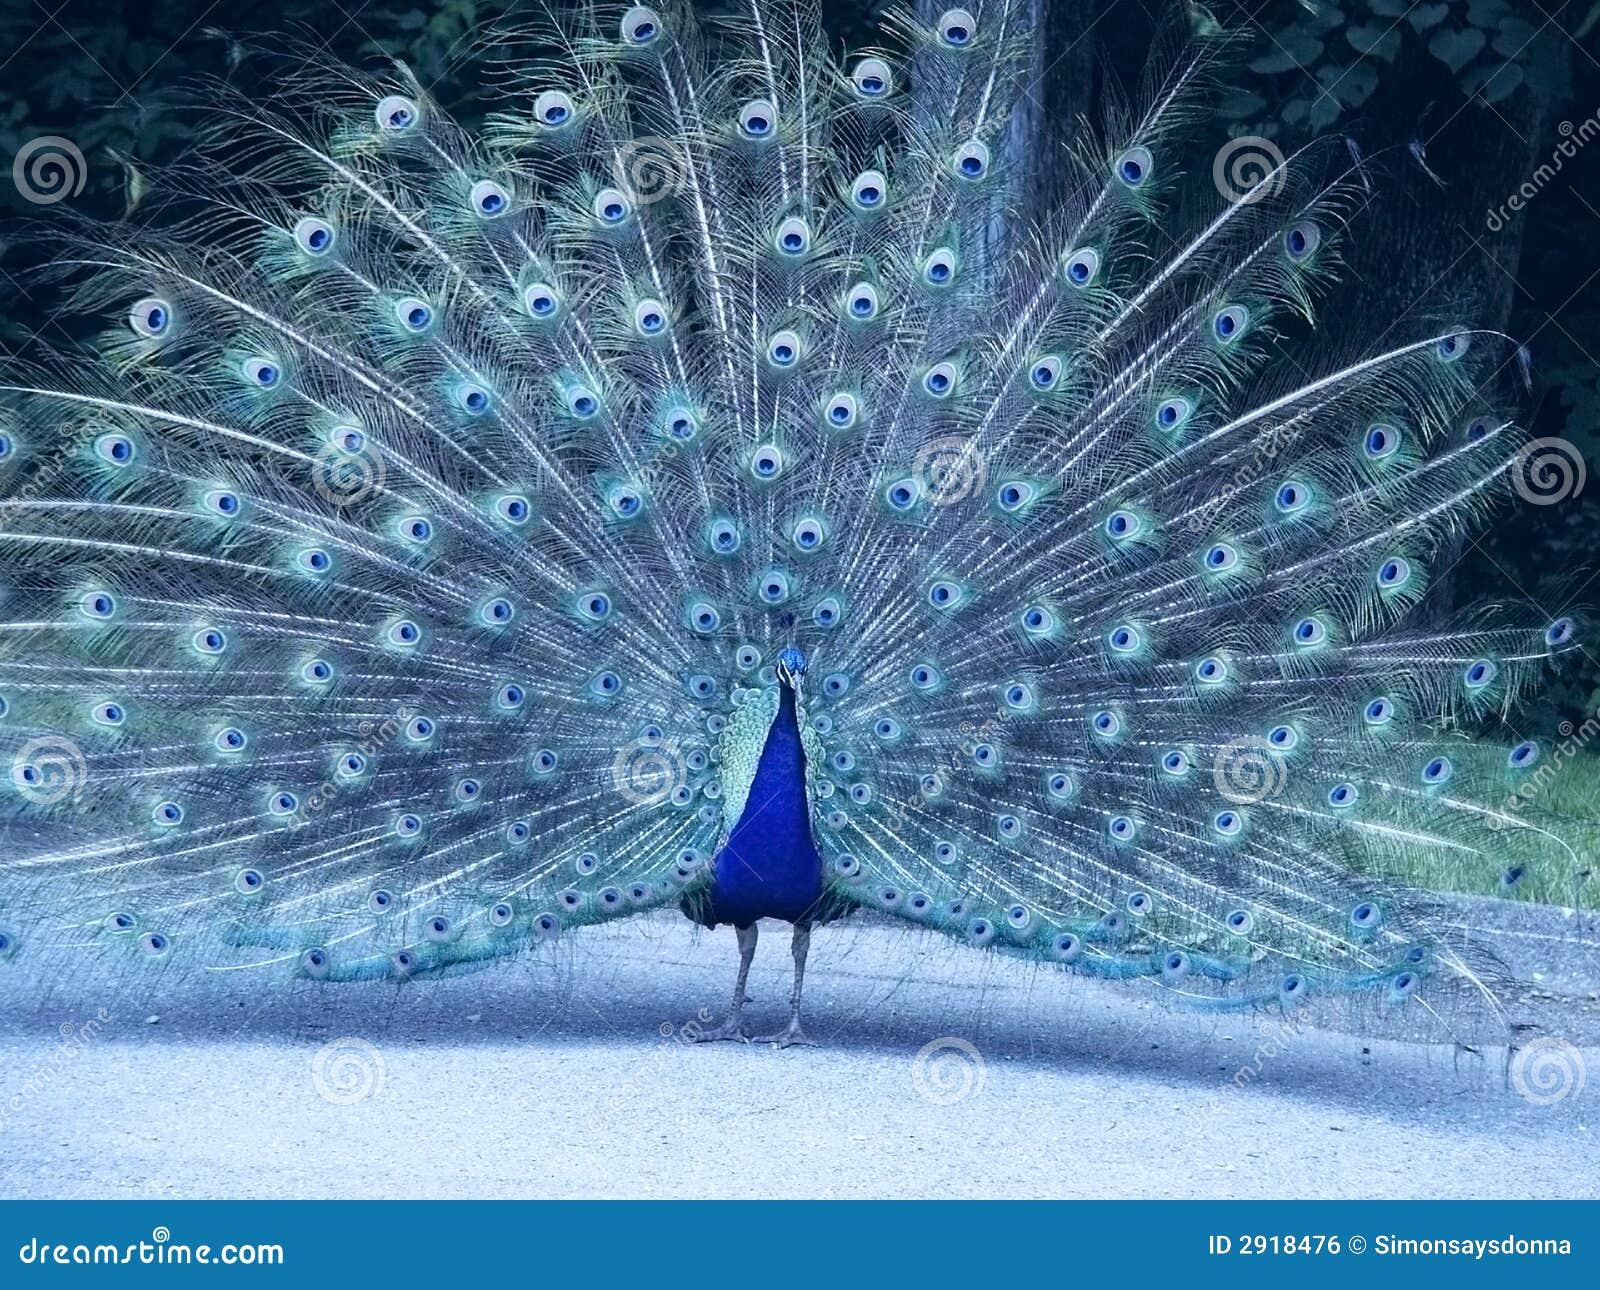 paon bleu photo stock image du compl tement clavettes 2918476. Black Bedroom Furniture Sets. Home Design Ideas